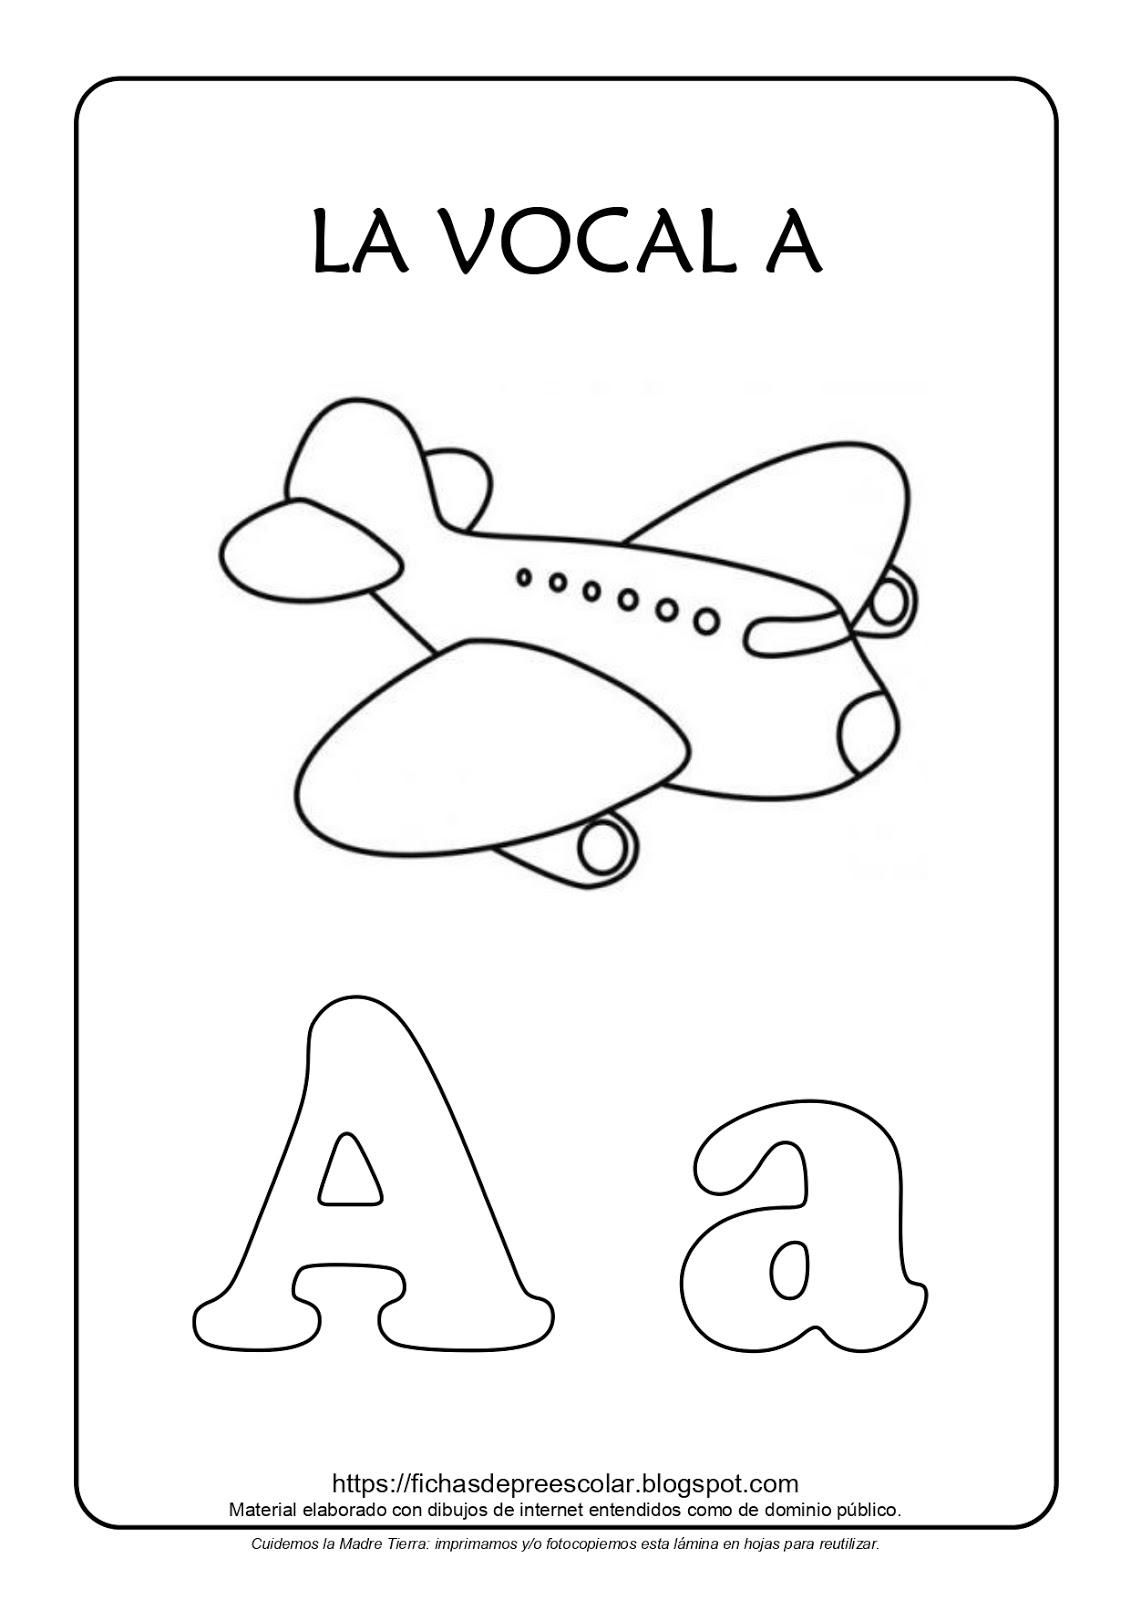 Fichas De Educación Preescolar Láminas Con Las Vocales